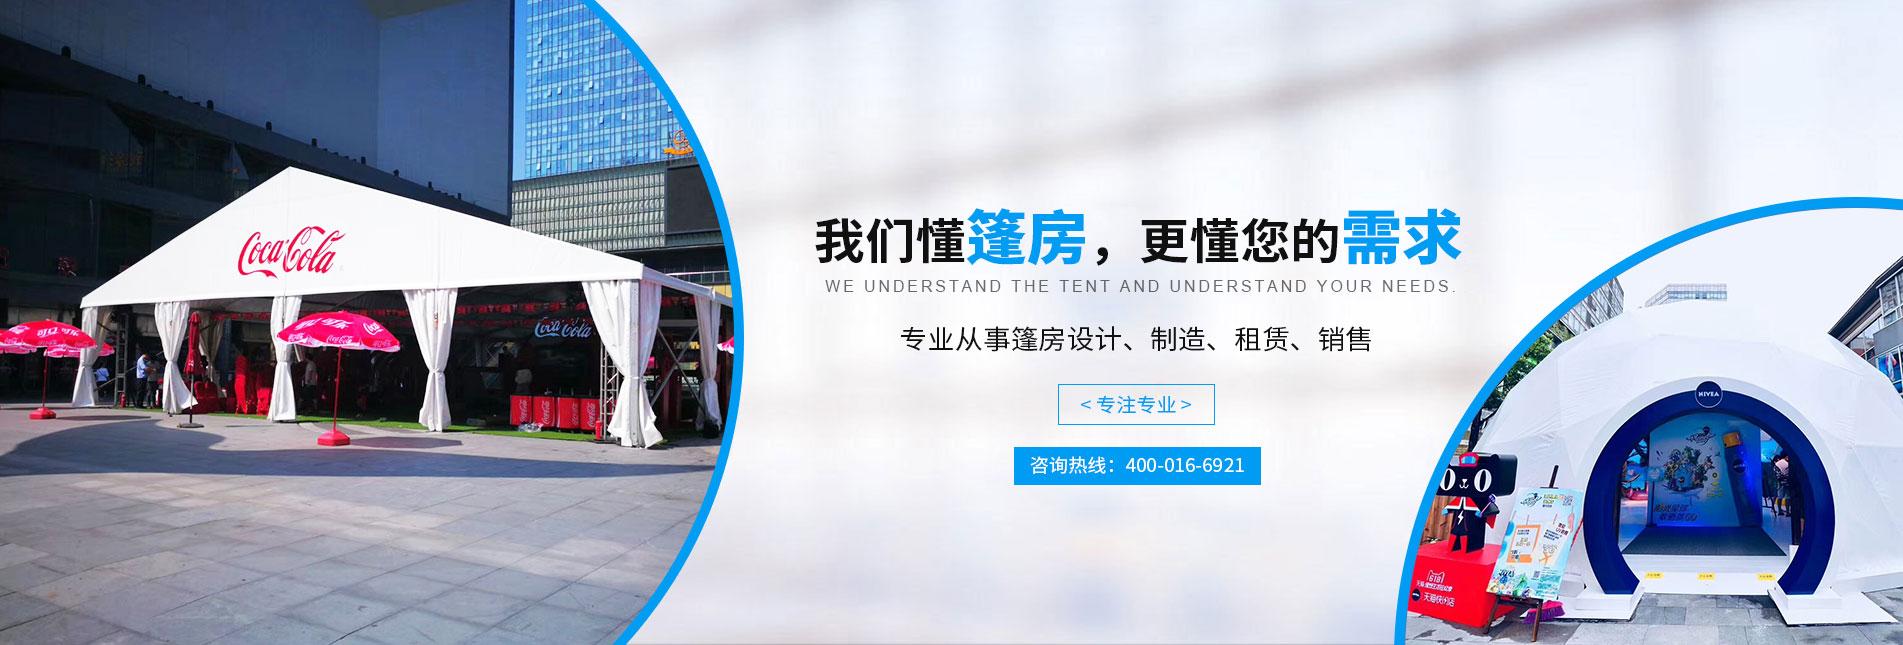 上海凯奇篷房技术有限公司